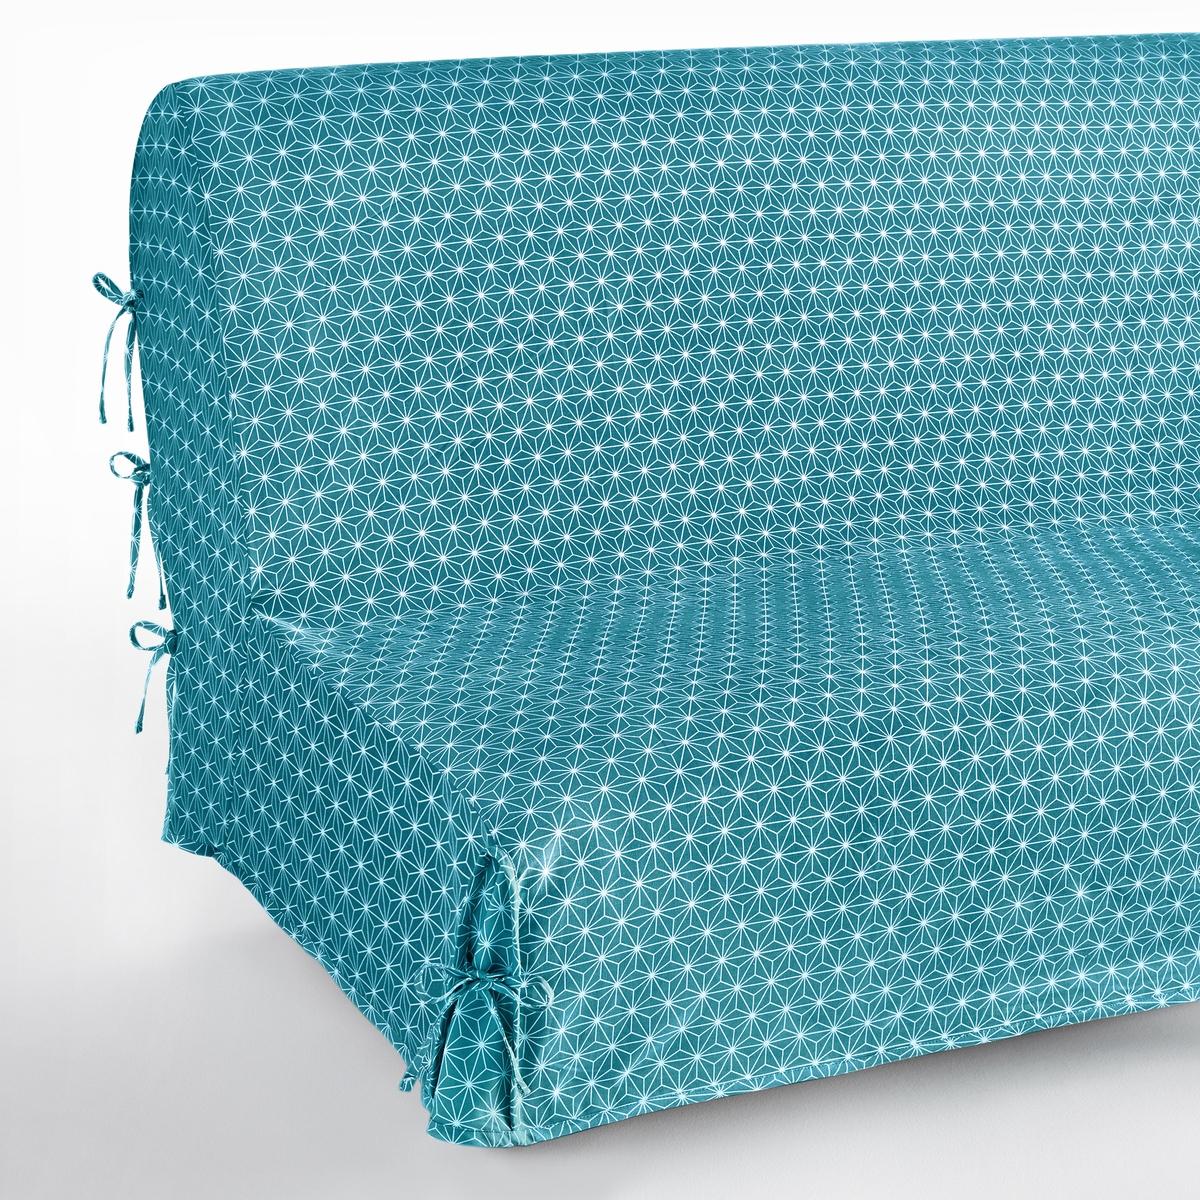 Чехол на раскладной диван, LozangeХарактеристики чехла :Материал : 100% хлопок Застежка на завязки с узелкамиУход : Машинная стирка при 40 °С. Водоотталкивающая пропитка и против пятен. Размеры чехла :190 x 65 см.Уход :Следуйте рекомендациям по уходу, указанным на этикетке изделия. Знак Oeko-Tex® гарантирует, что товары прошли проверку и были изготовлены без применения вредных для здоровья человека веществ.<br><br>Цвет: желтый/ белый,серый/ белый,сине-зеленый/белый